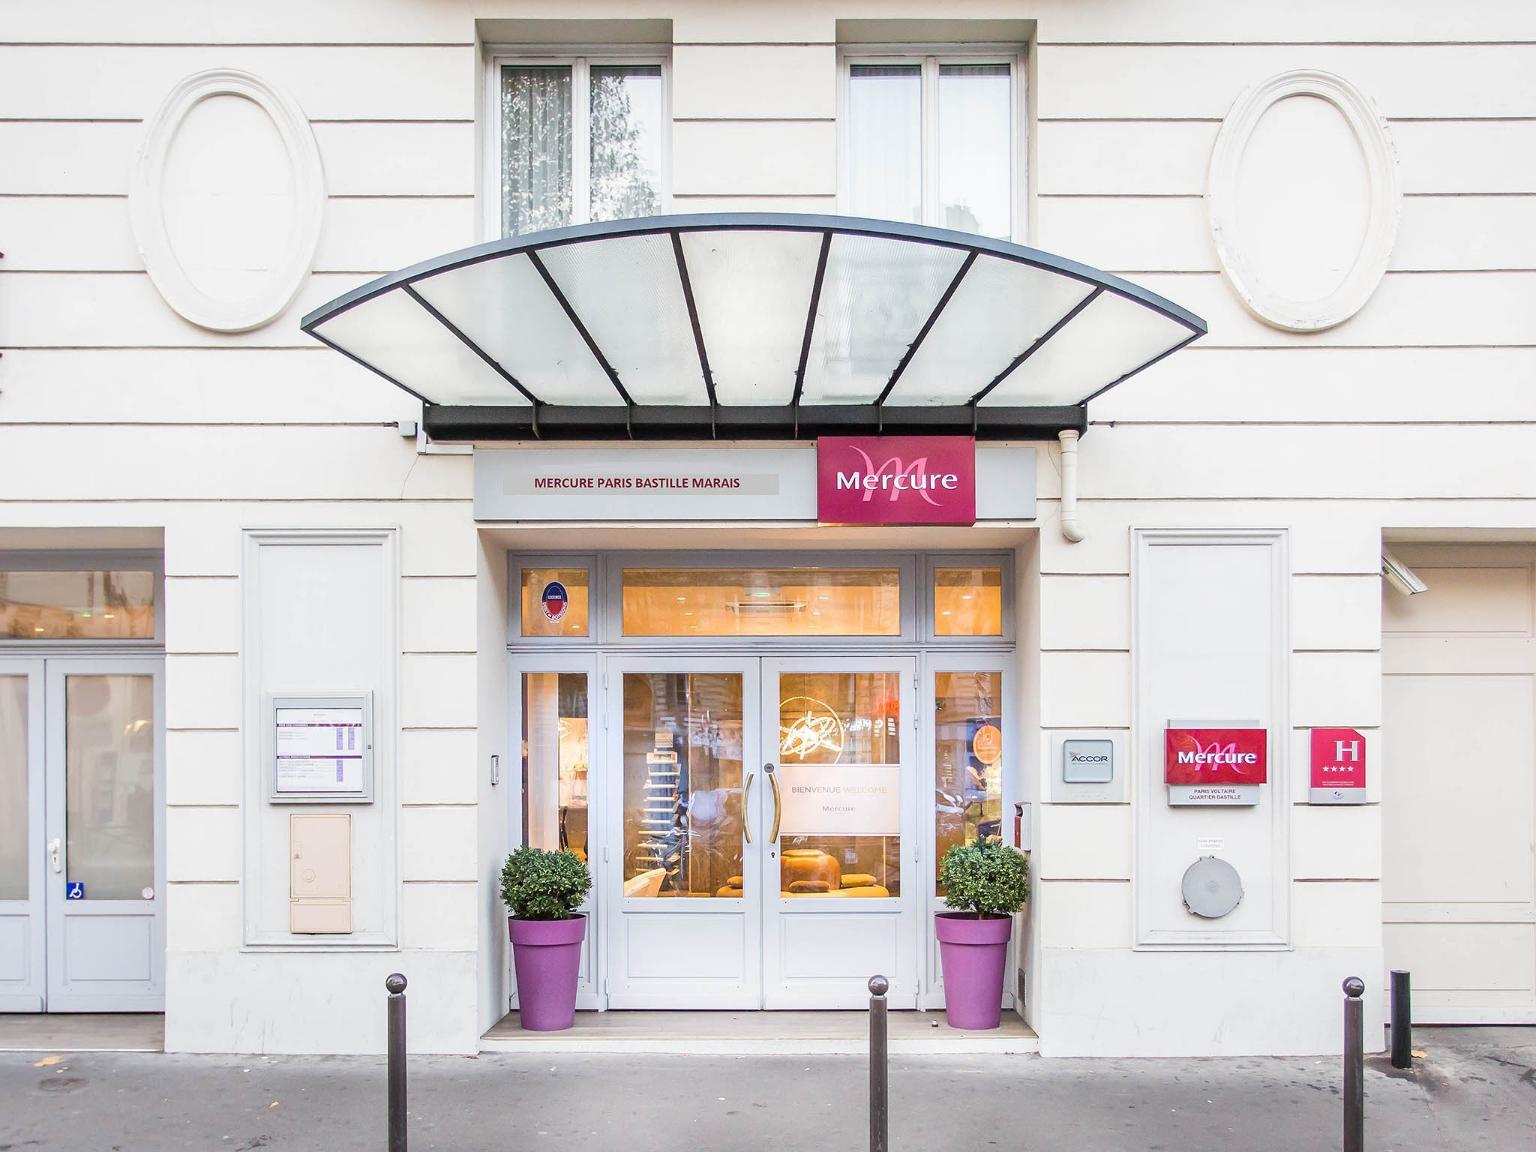 H tel mercure paris bastille marais h tel 53 rue for 4 rue richard lenoir 75011 paris france